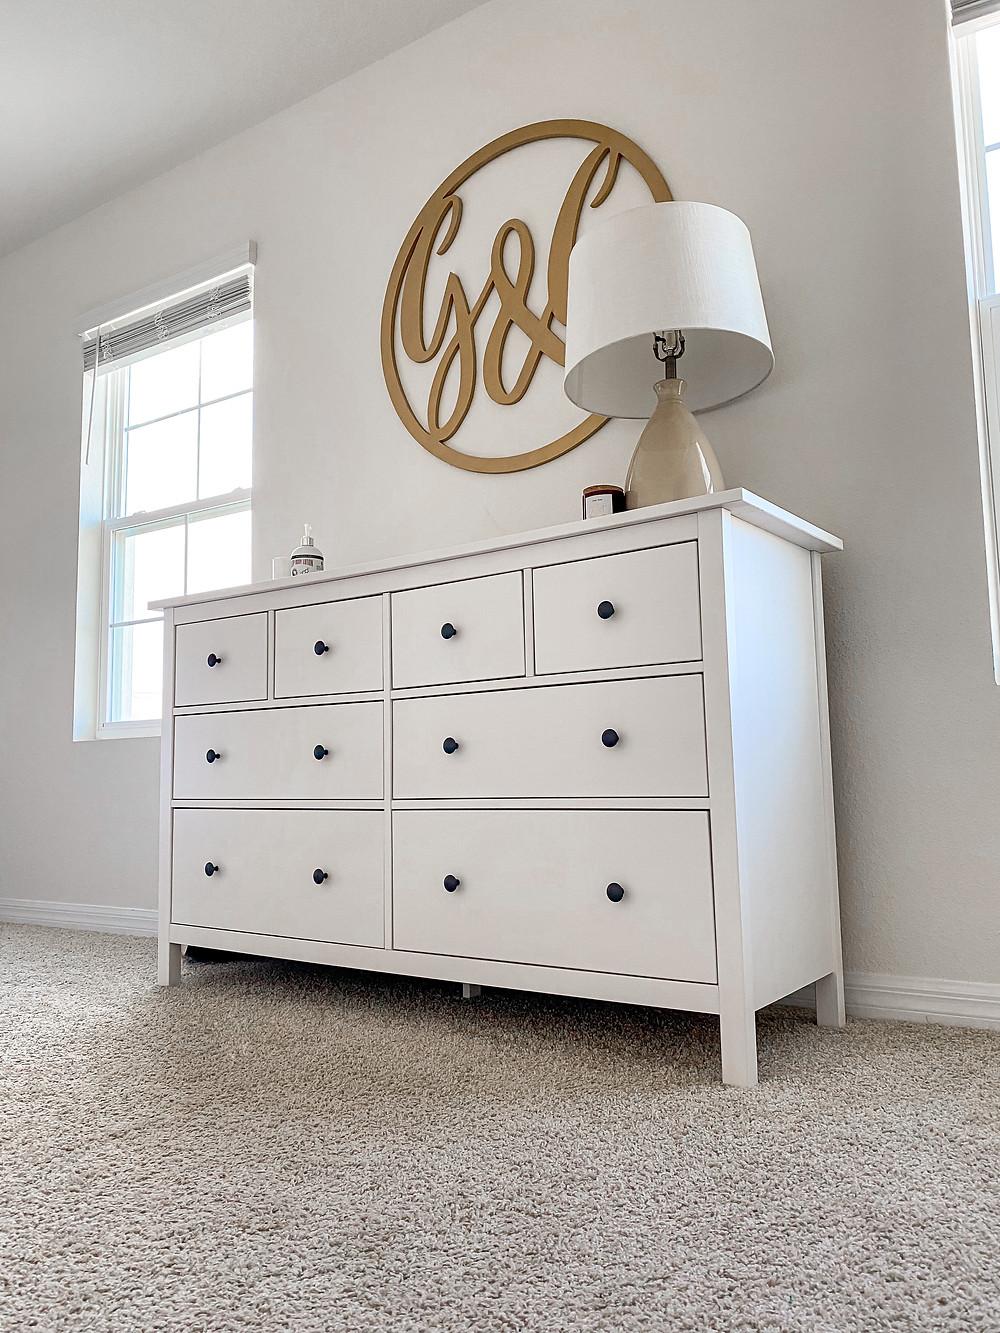 minimalist white drawer and signature monogram wall art